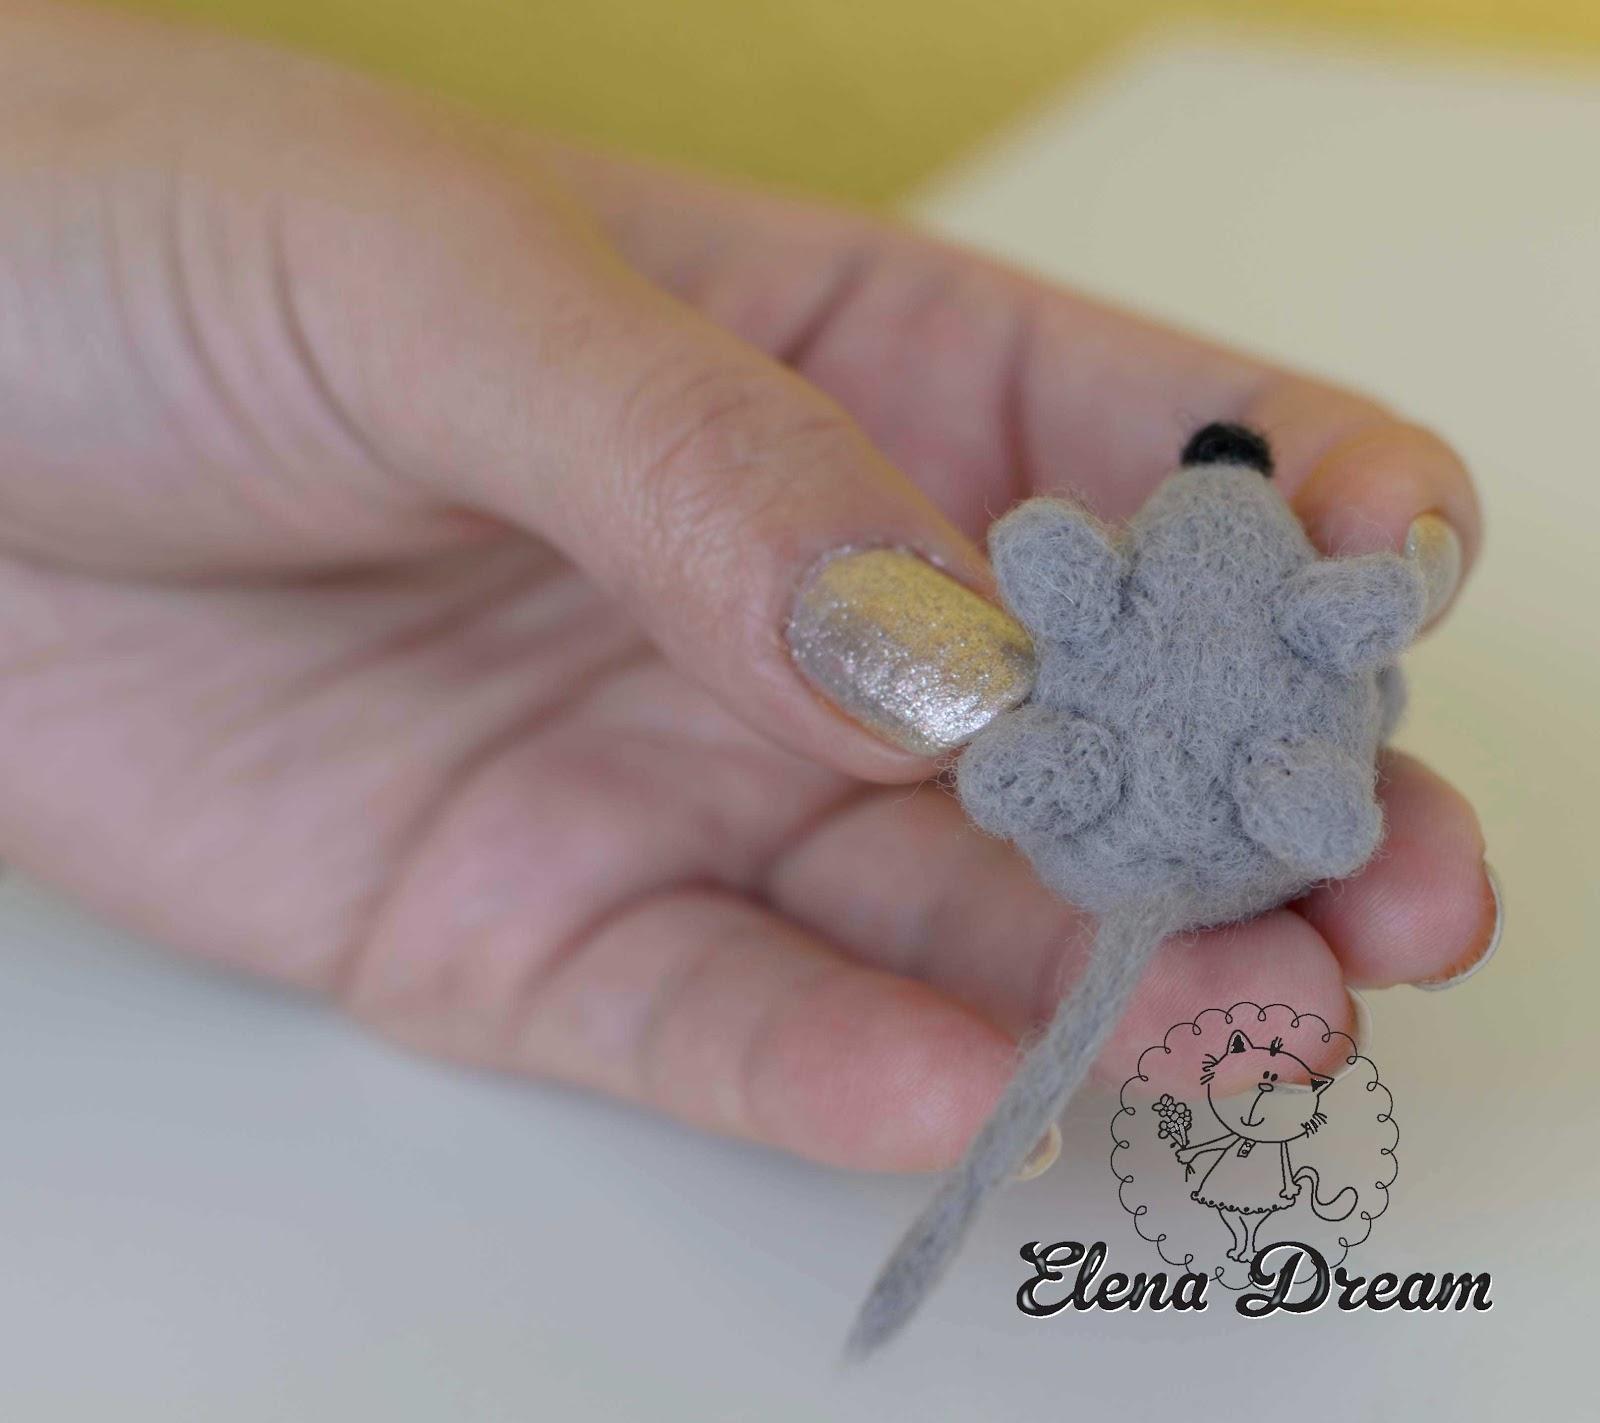 Как сделать мышку из бумаги - шаблон и пошаговый мастер-класс с фото 36